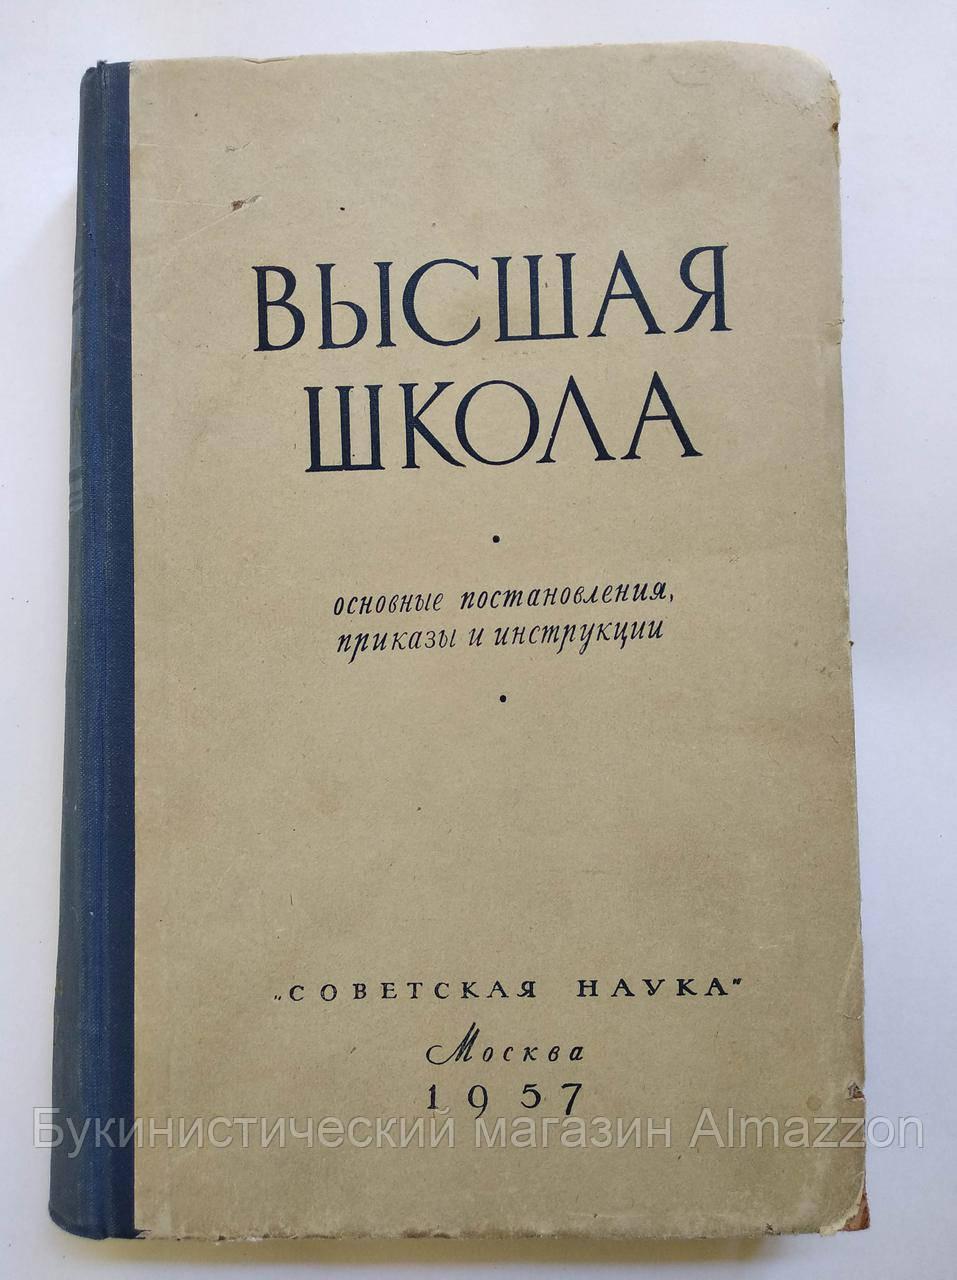 Высшая школа. Основные постановления, приказы и инструкции. 1957 год